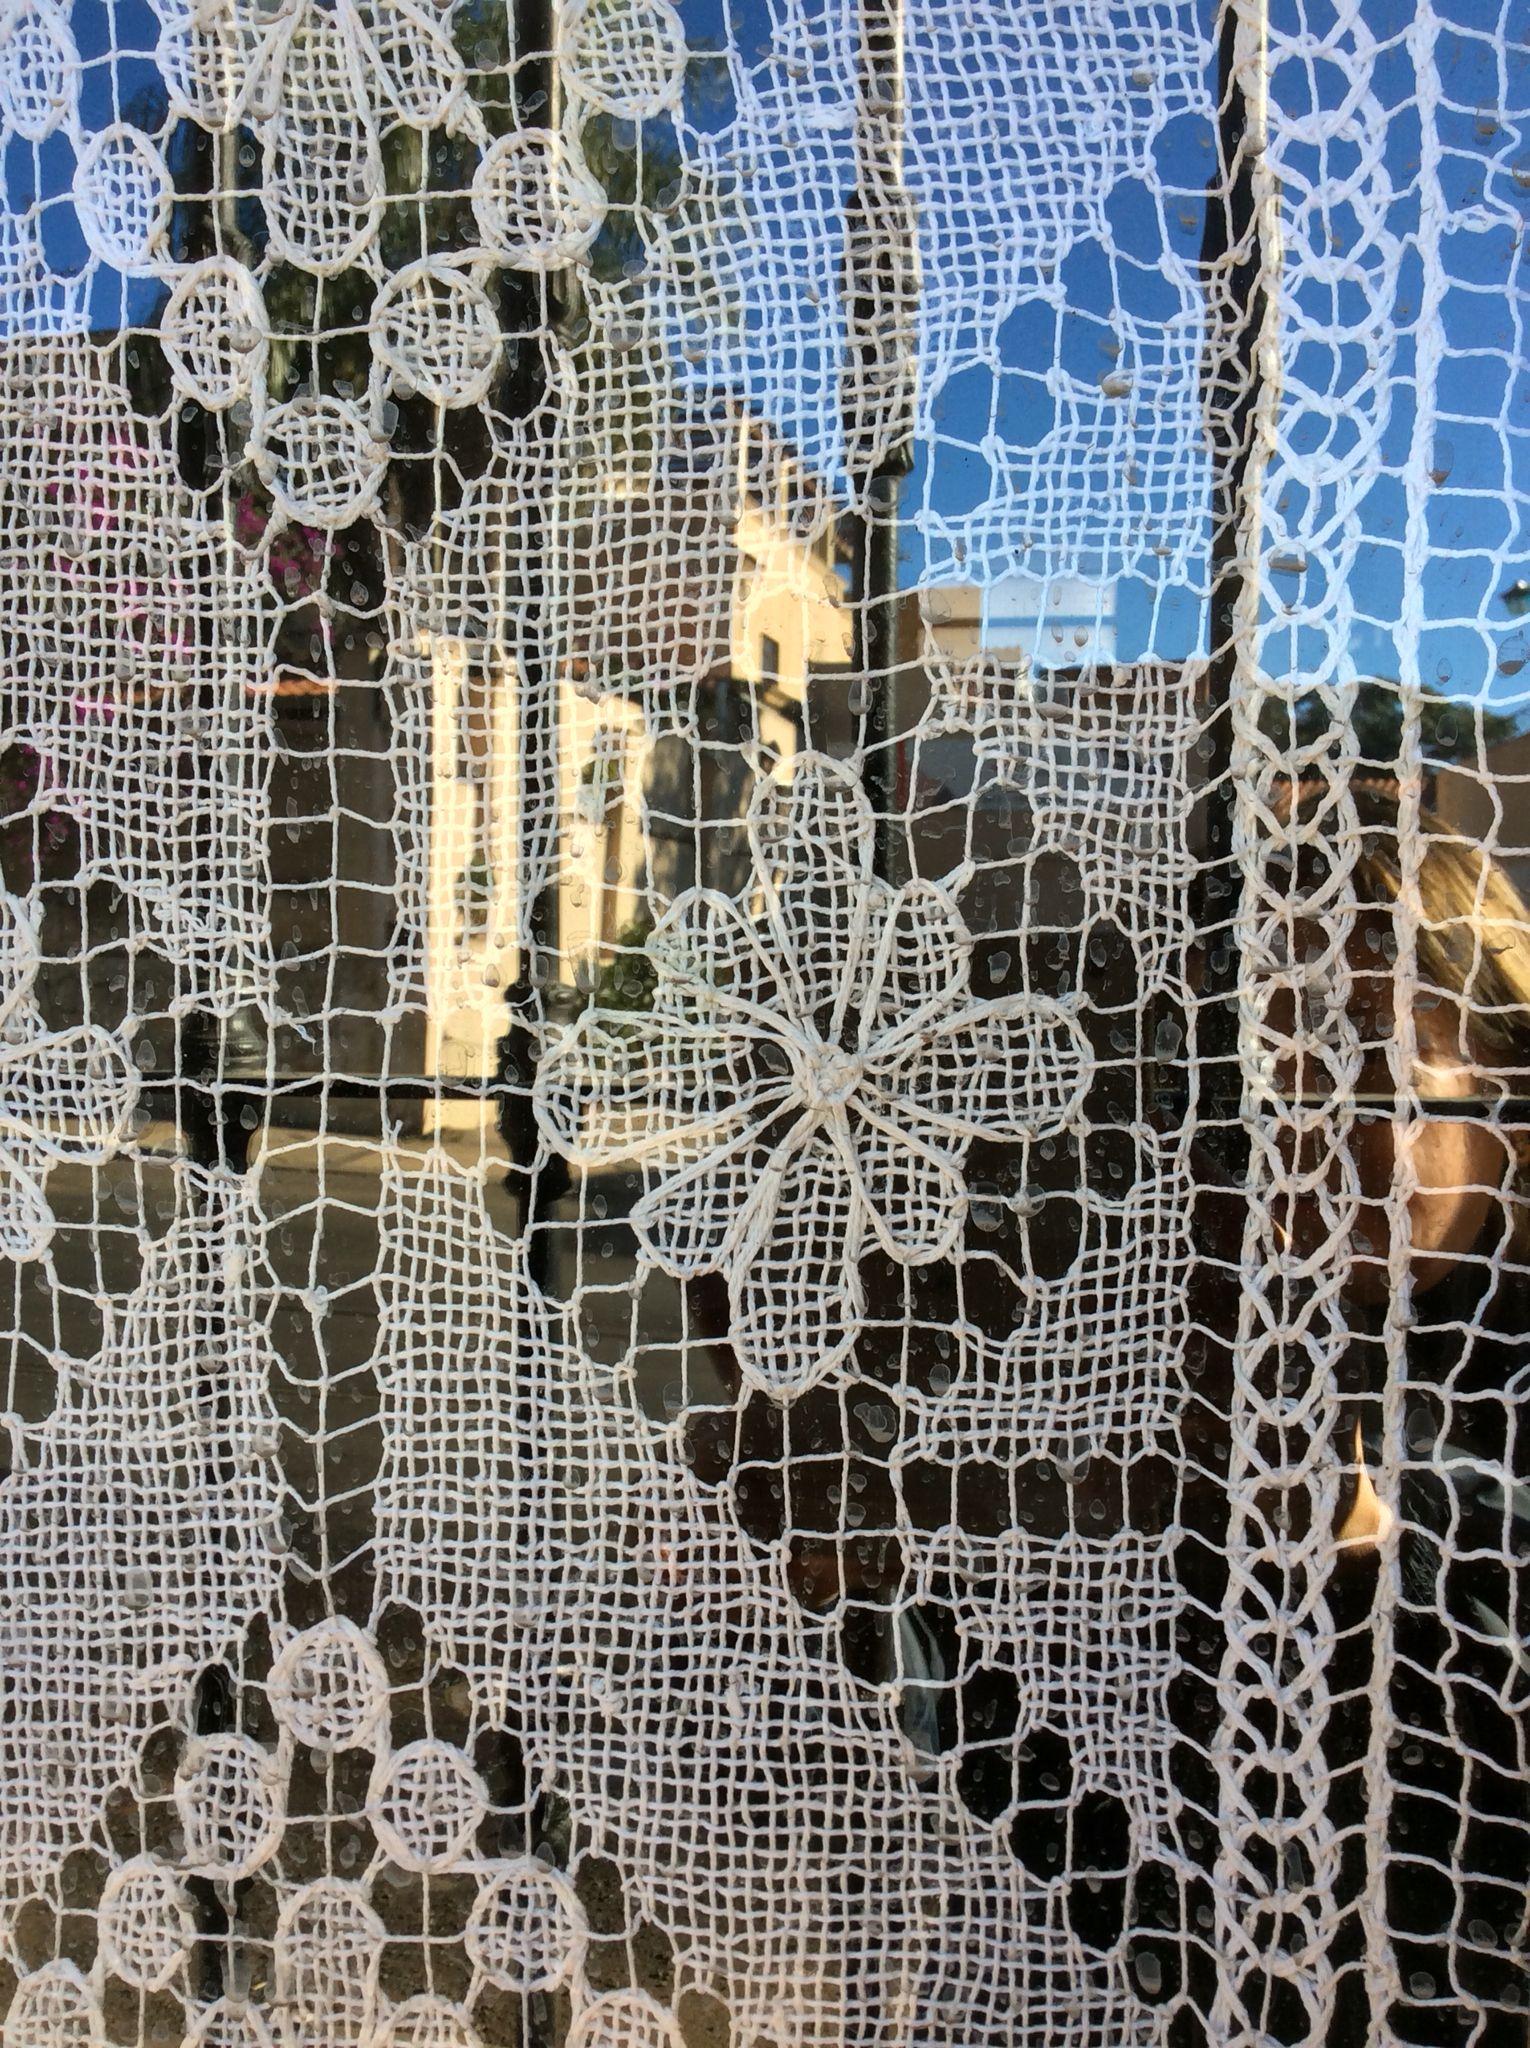 Detalle de una cortina de encaje yu